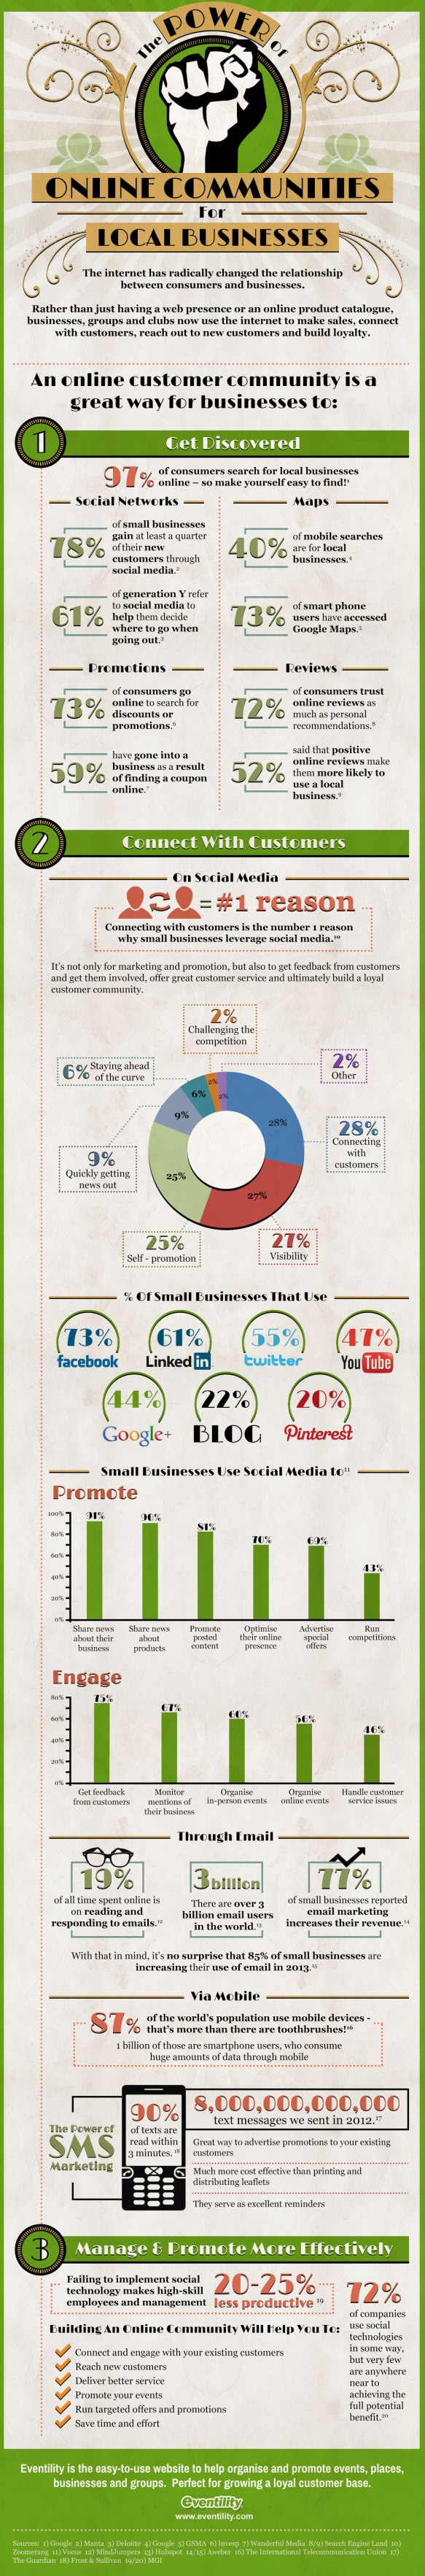 Online Customer Communities